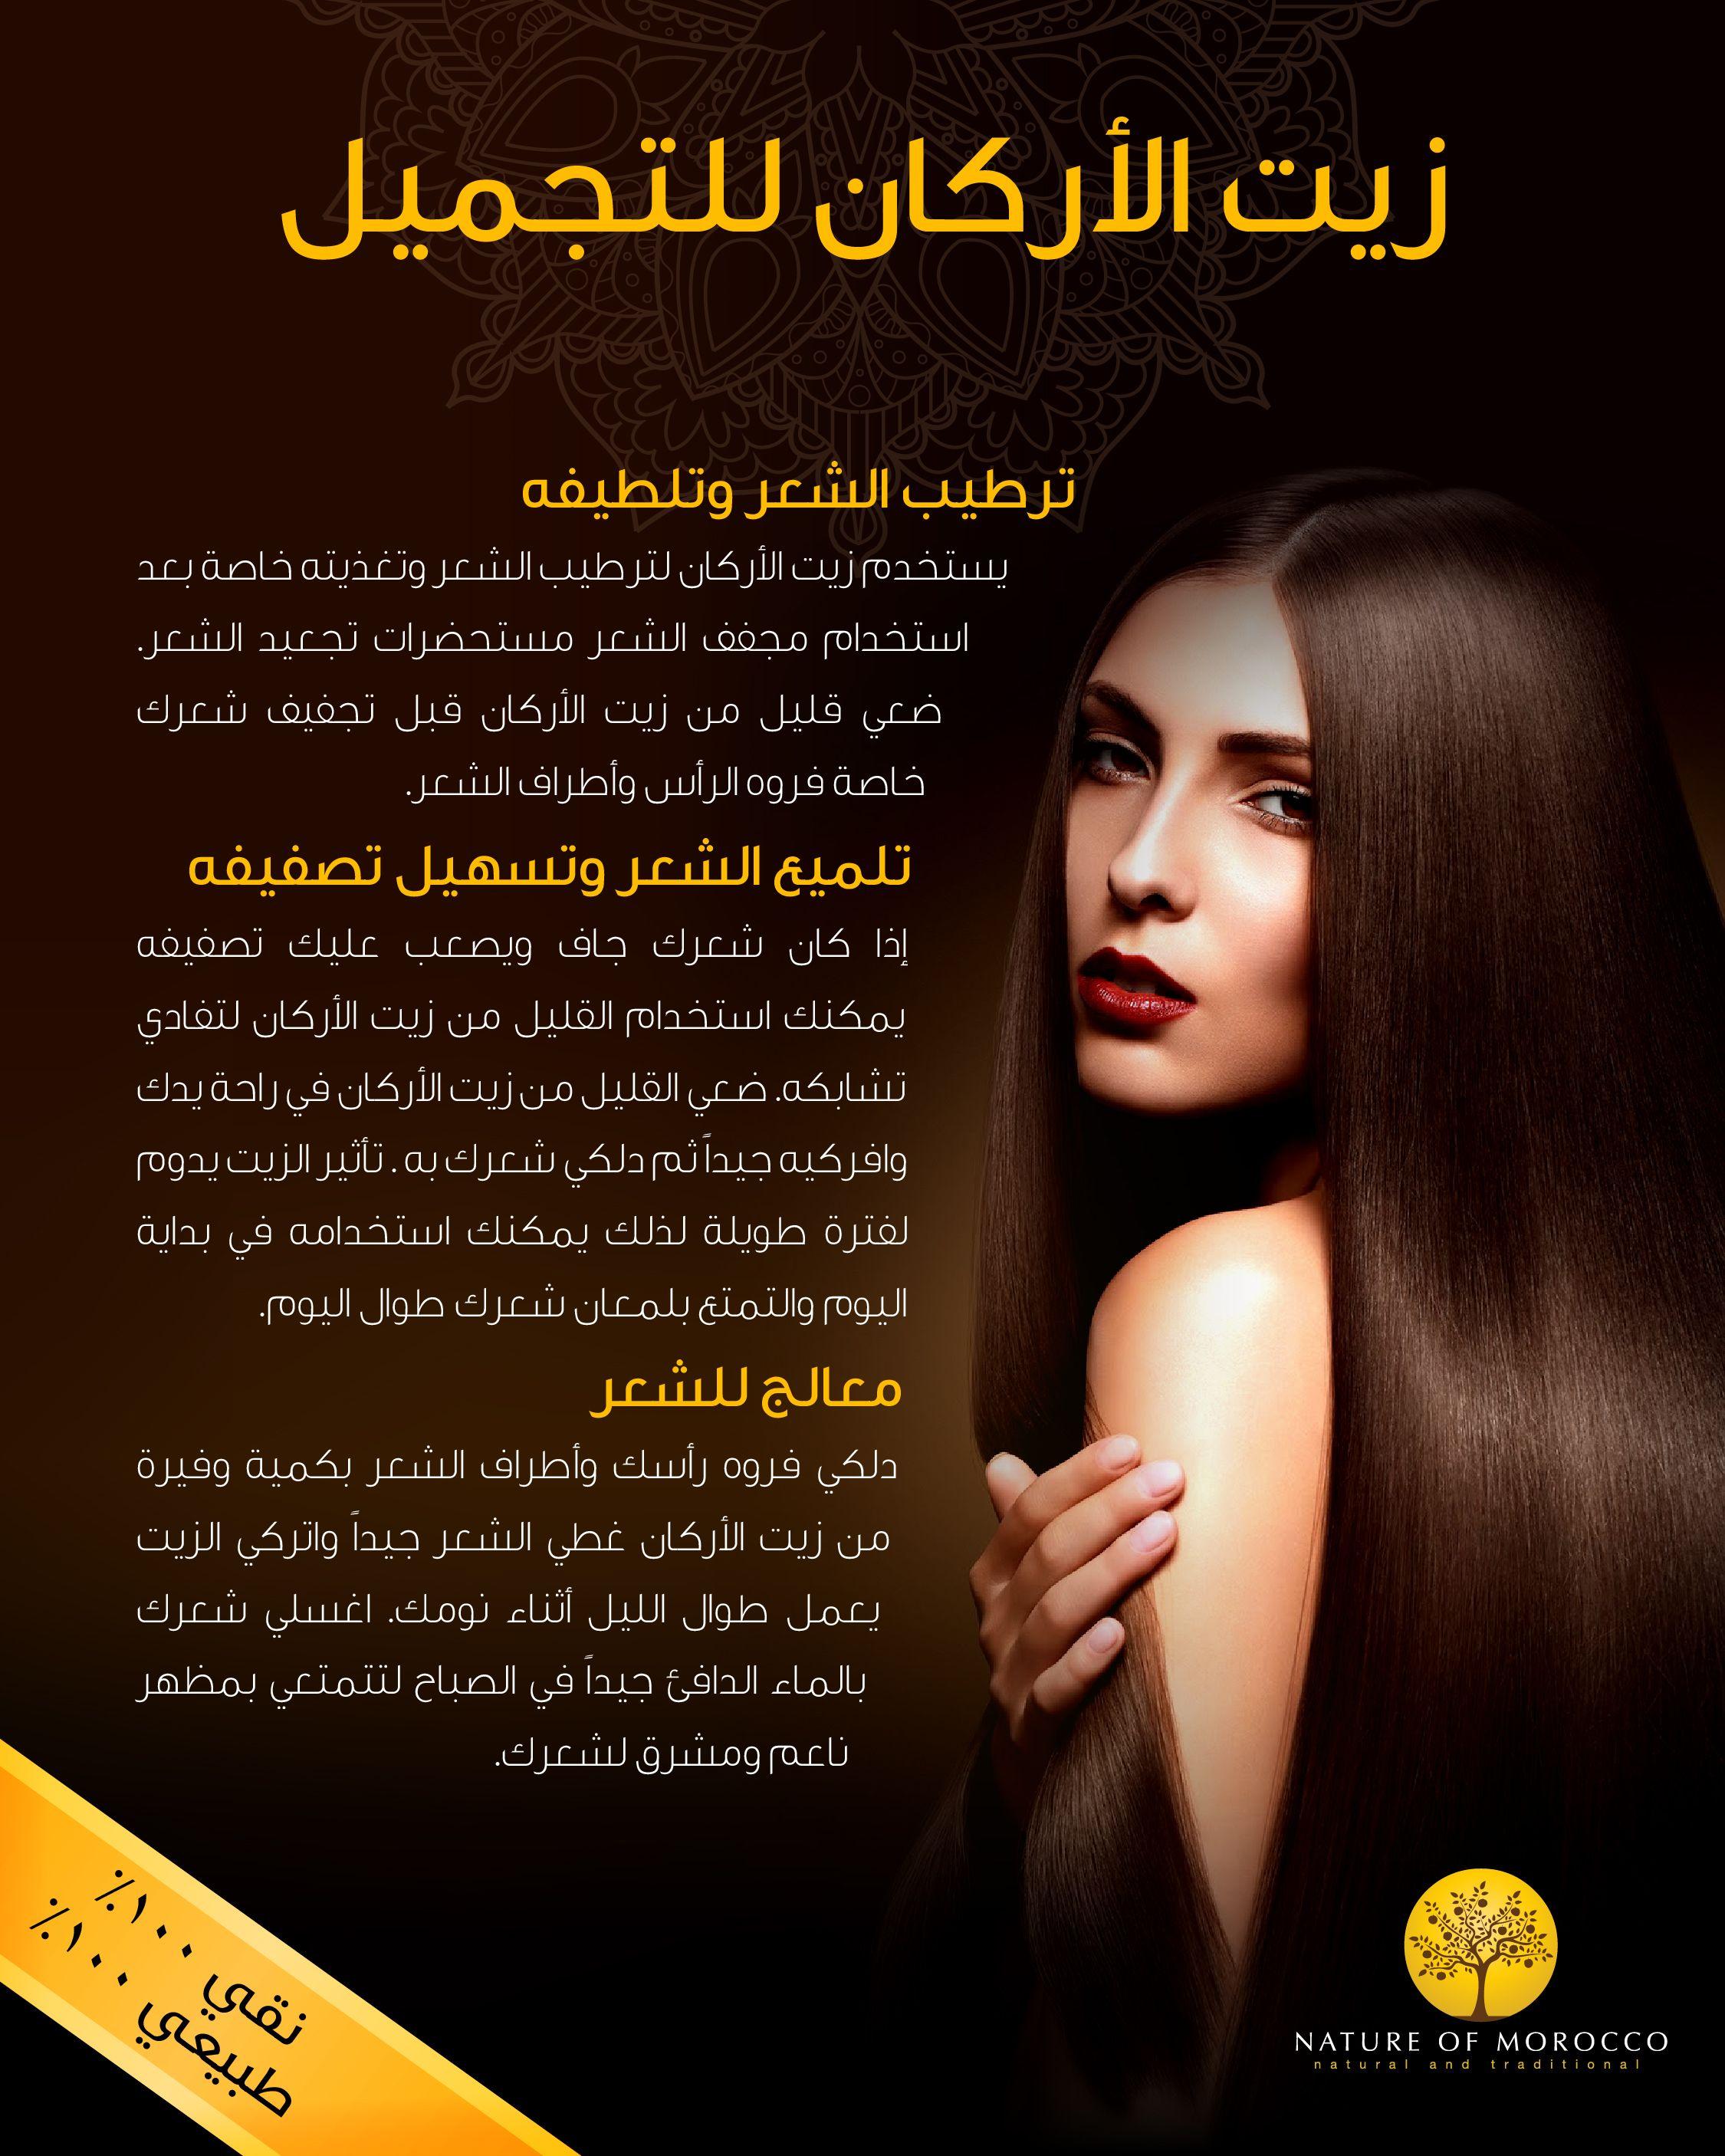 زيت الاركان زيت الارجان Argan Oil Saudi Arabia Riyadh Argan Oil زيت الارجان عناية الشعر مساج Hair Mask Hair Care Hair Styles